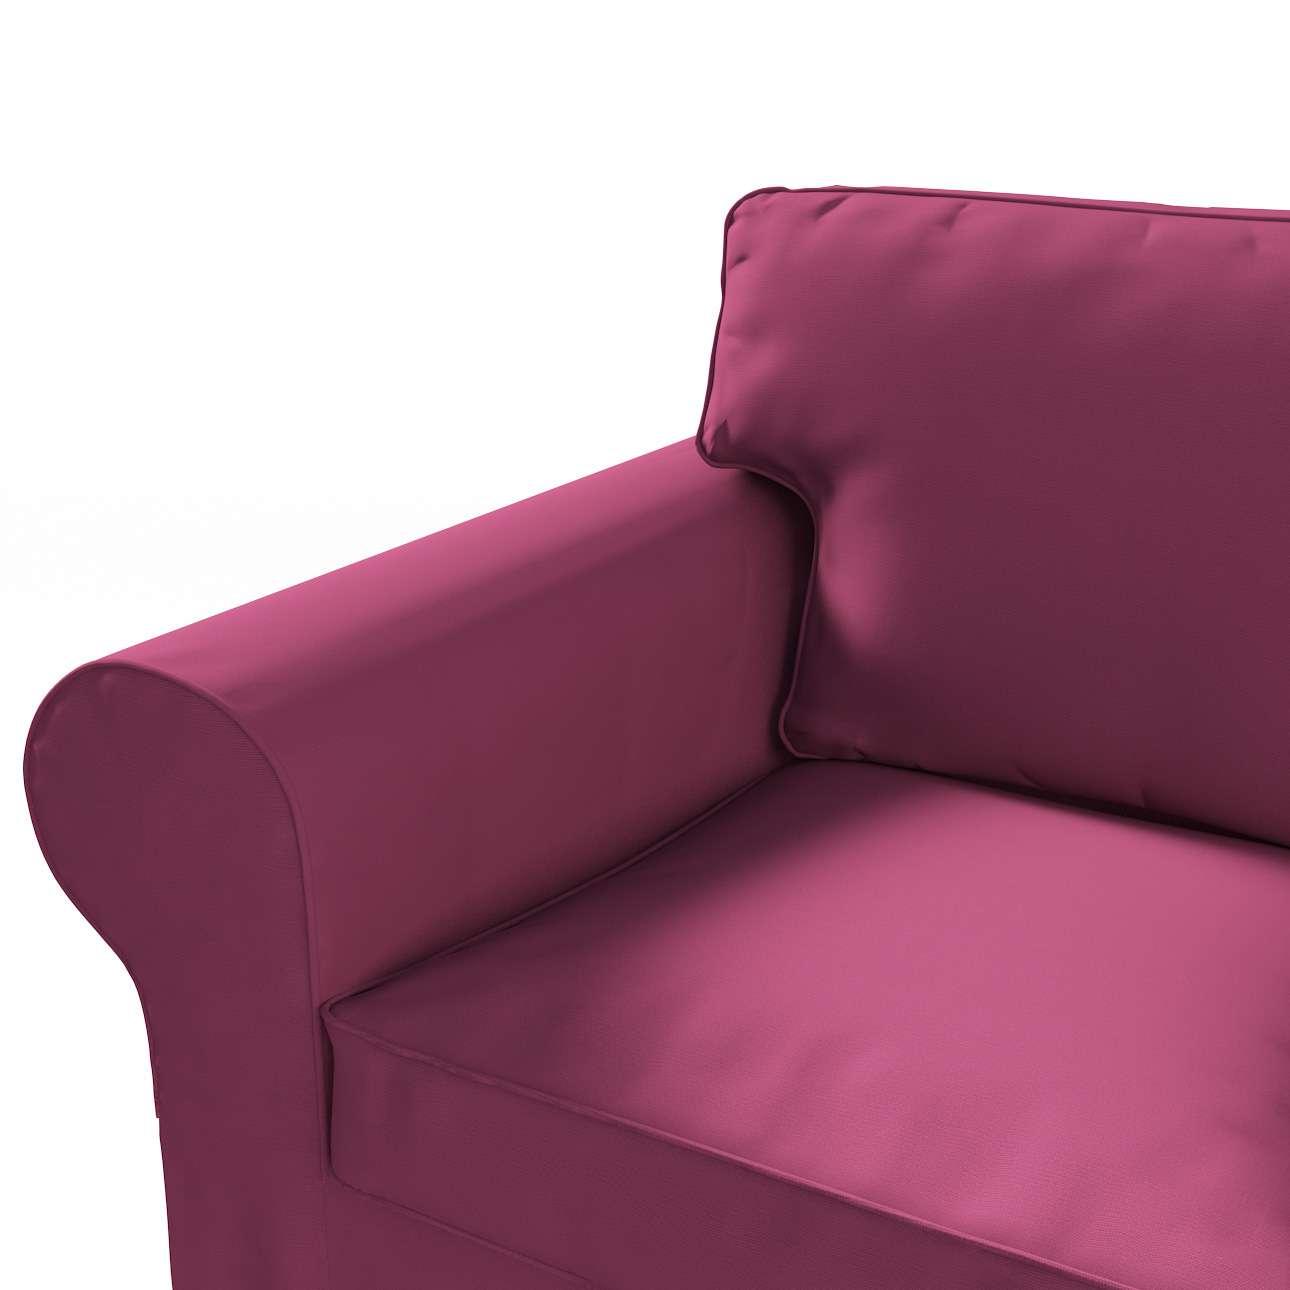 Ektorp trivietės sofos-lovos užvalkalas Ektorp trivietė sofa-lova kolekcijoje Cotton Panama, audinys: 702-32